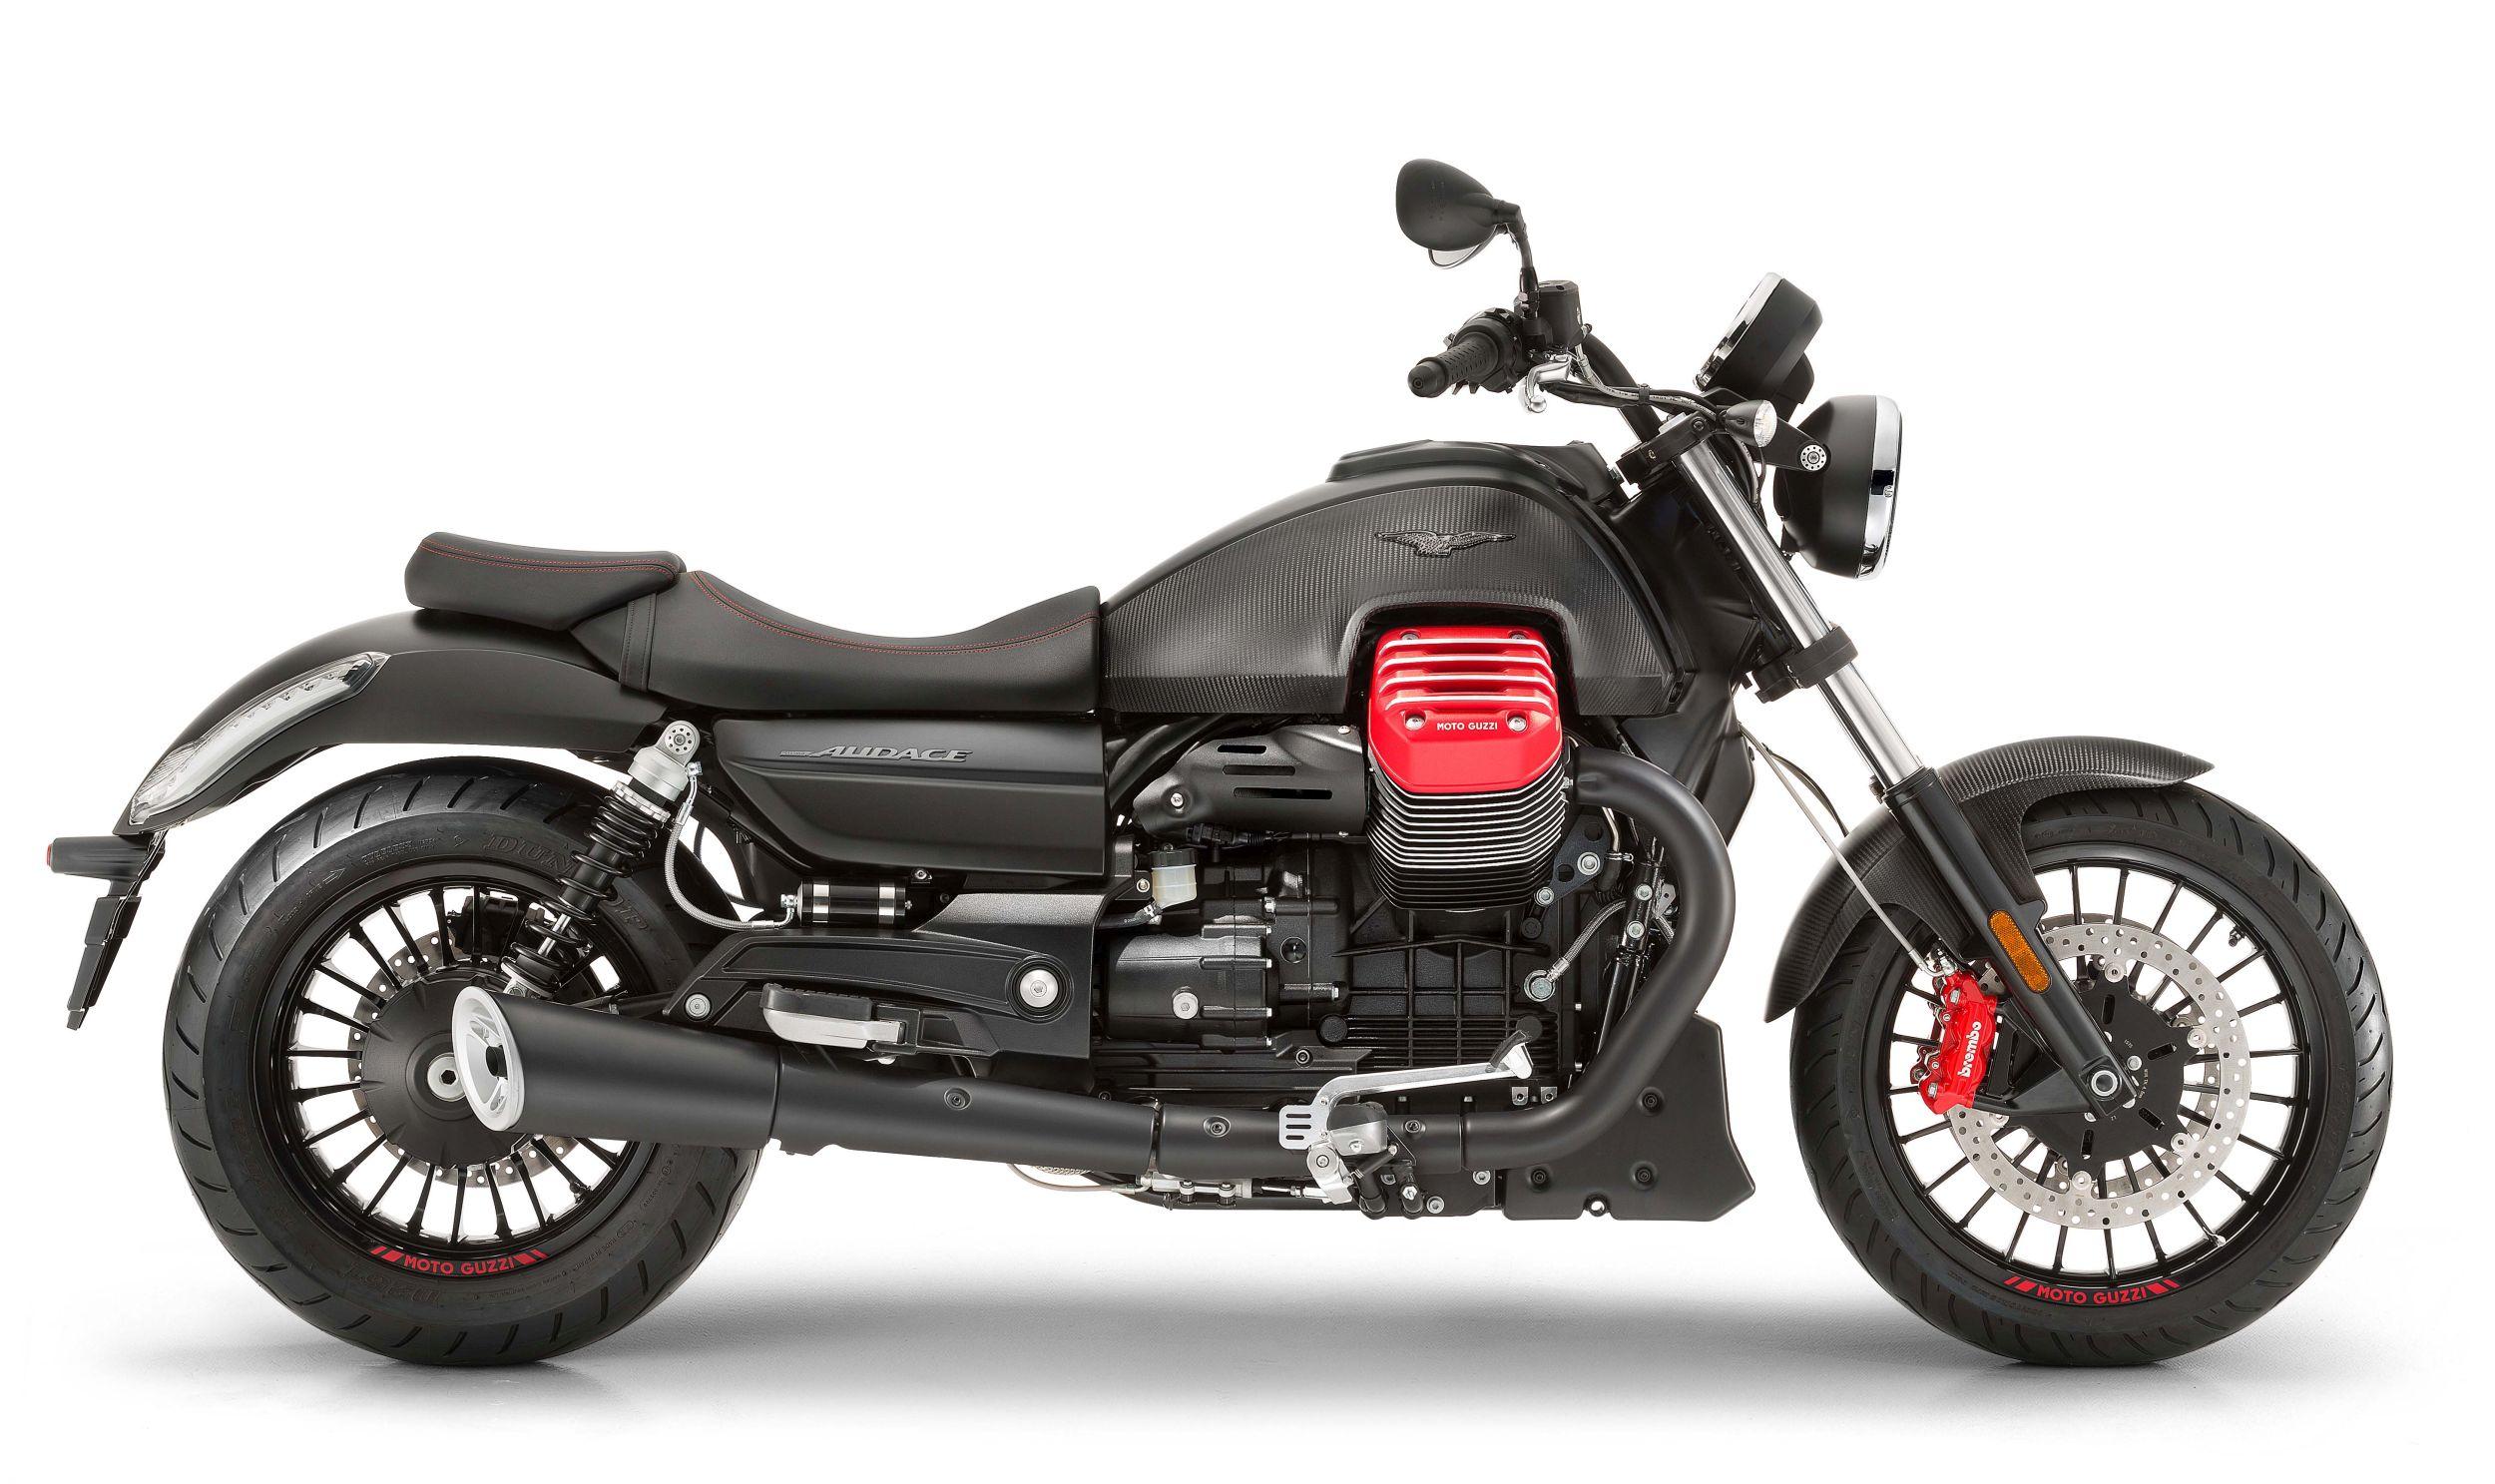 gebrauchte und neue moto guzzi california 1400 audace carbon motorr der kaufen. Black Bedroom Furniture Sets. Home Design Ideas